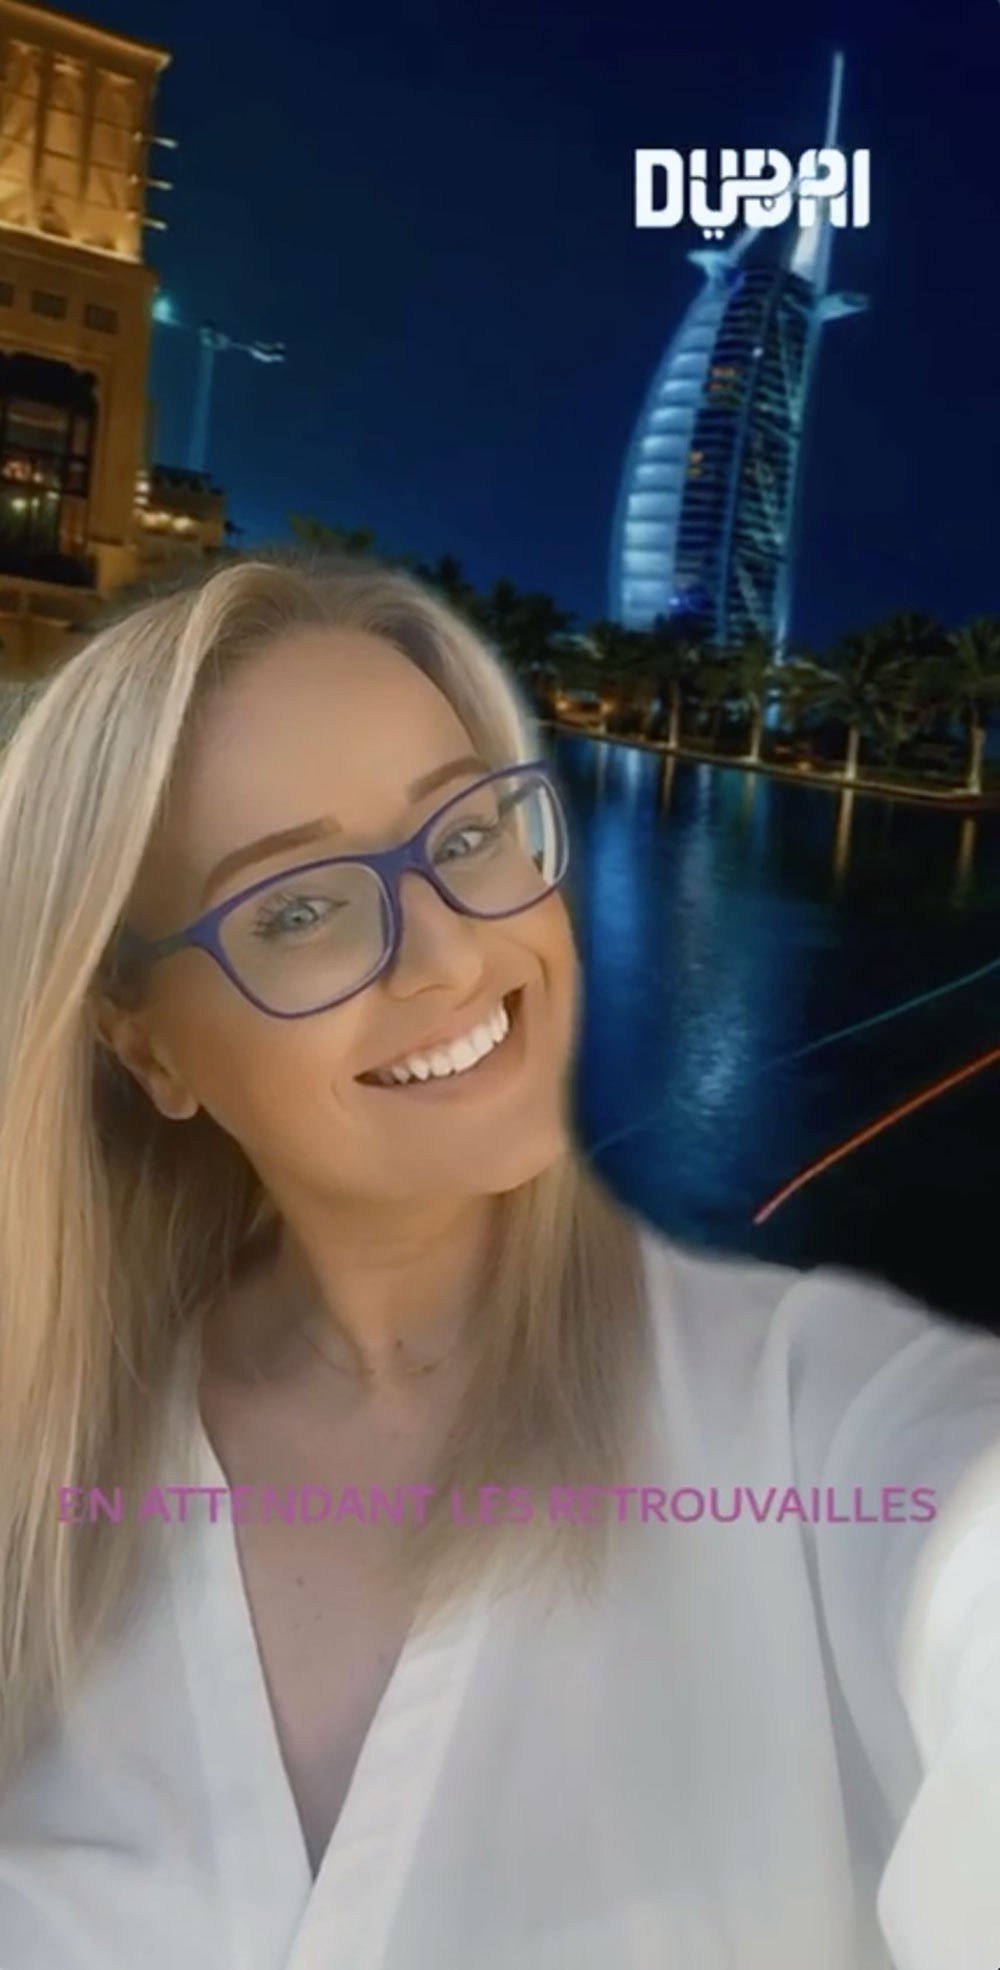 """""""دبي للسياحة"""" تتعاون مع """"سناب شات"""" لتقديم تجربة افتراضية مميزة بتقنية الواقع المعزّز"""